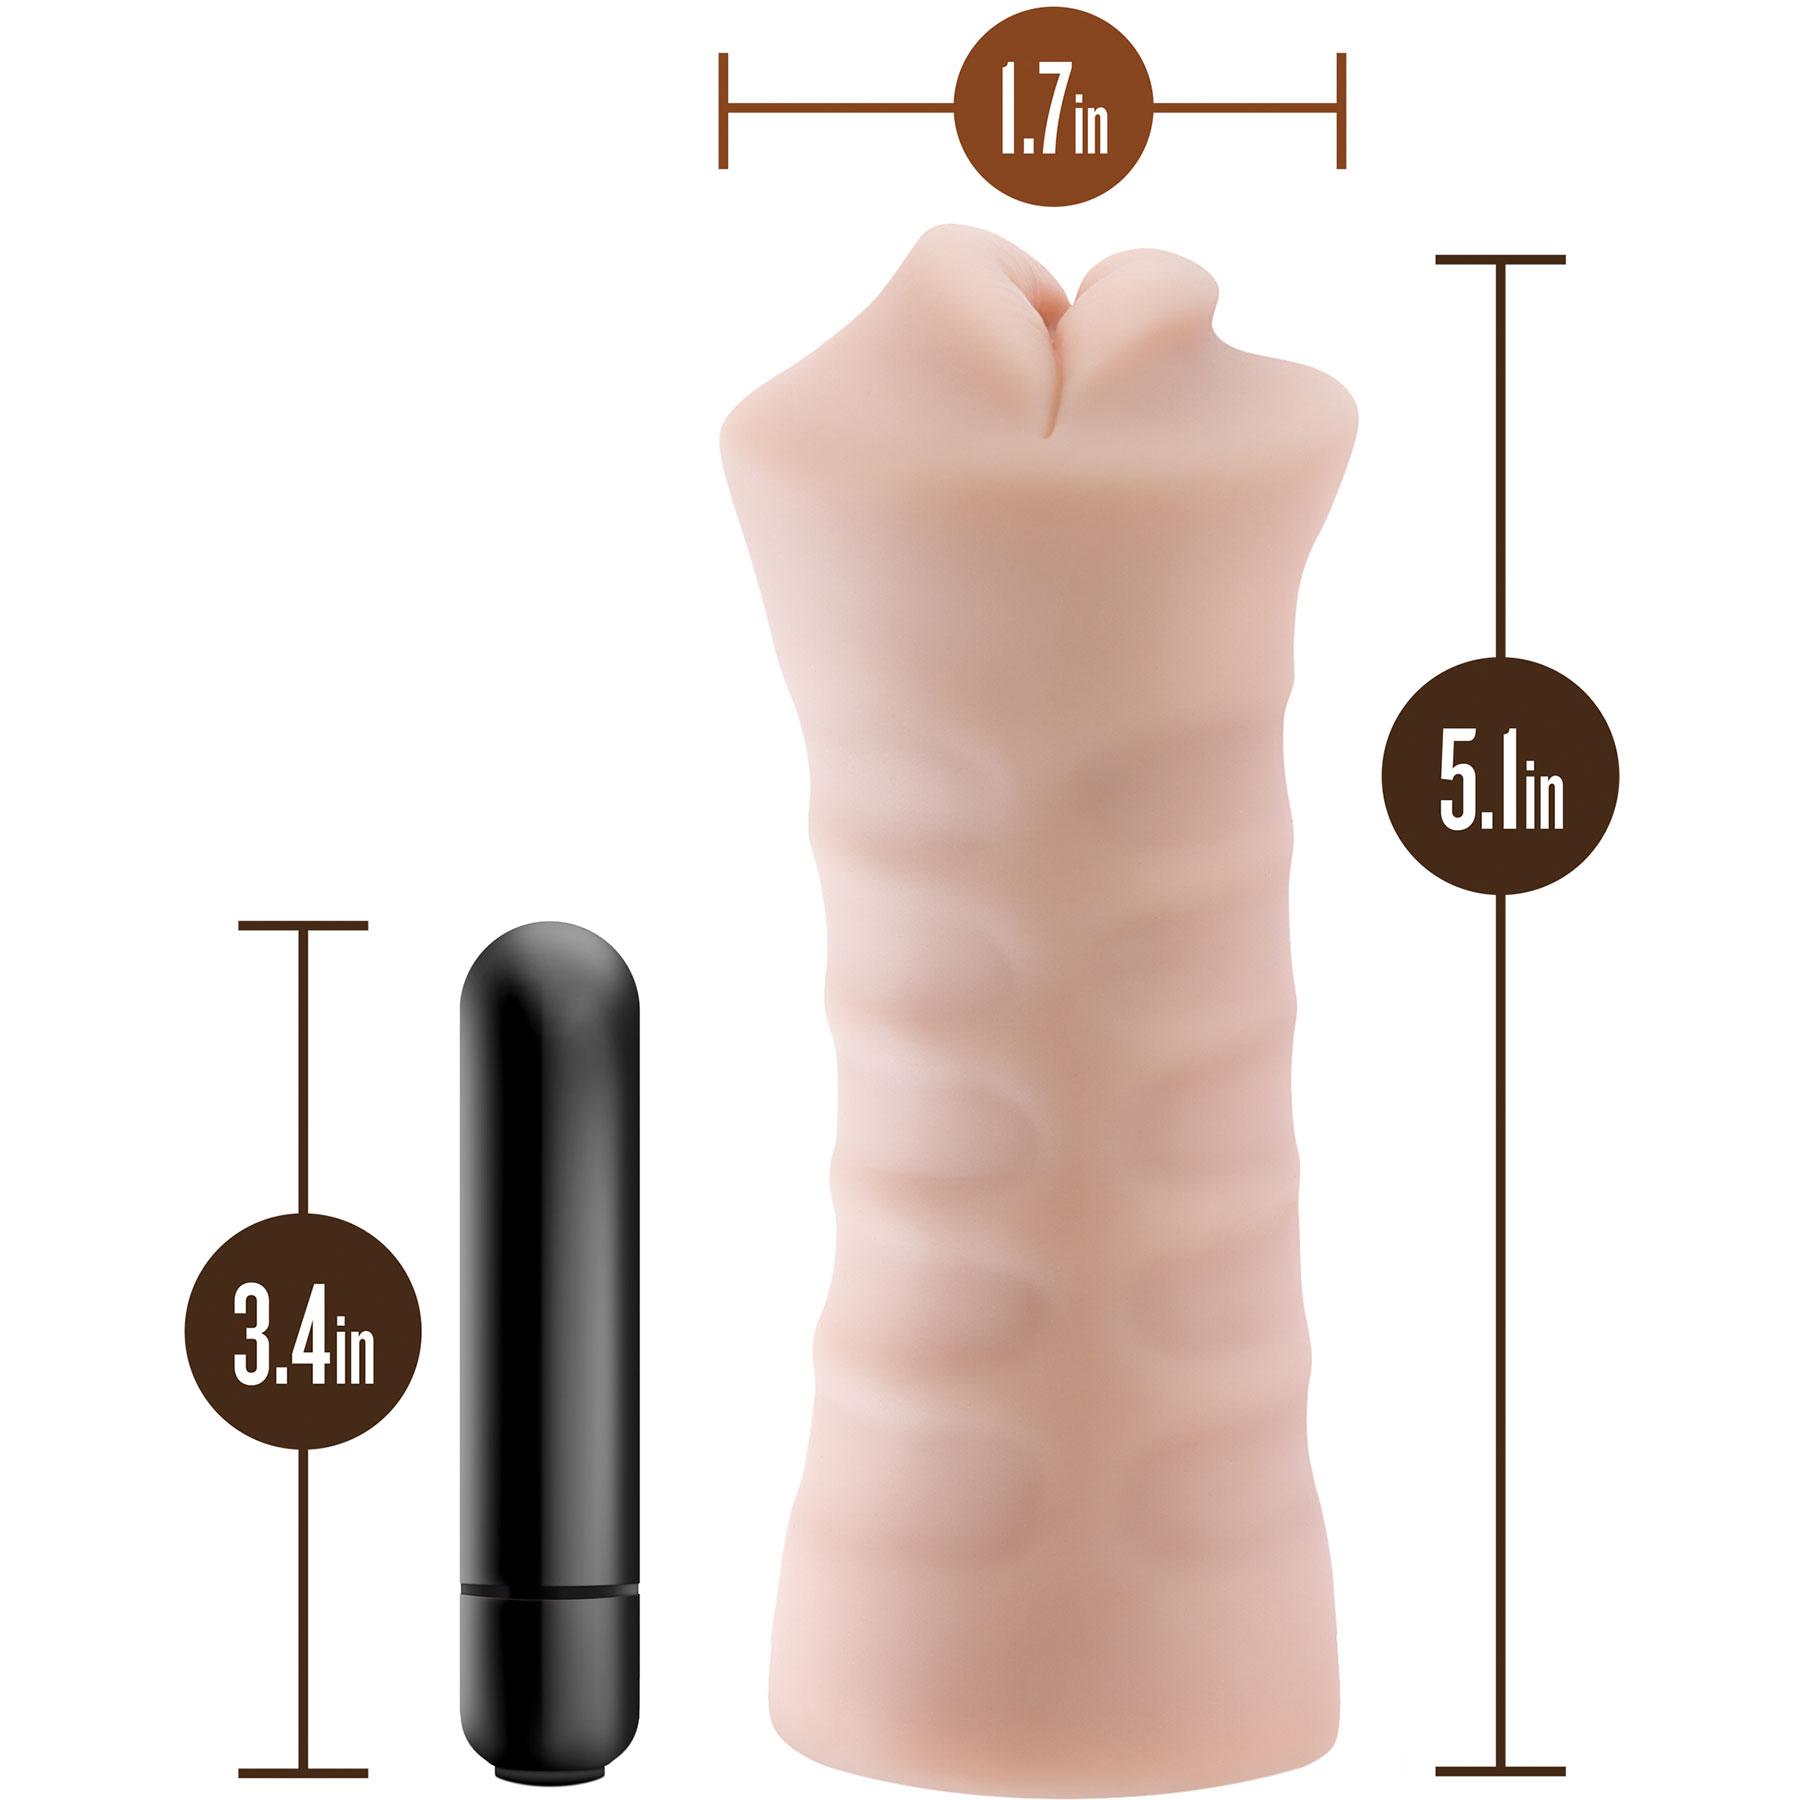 M for Men Angie Penis Masturbator - Measurements